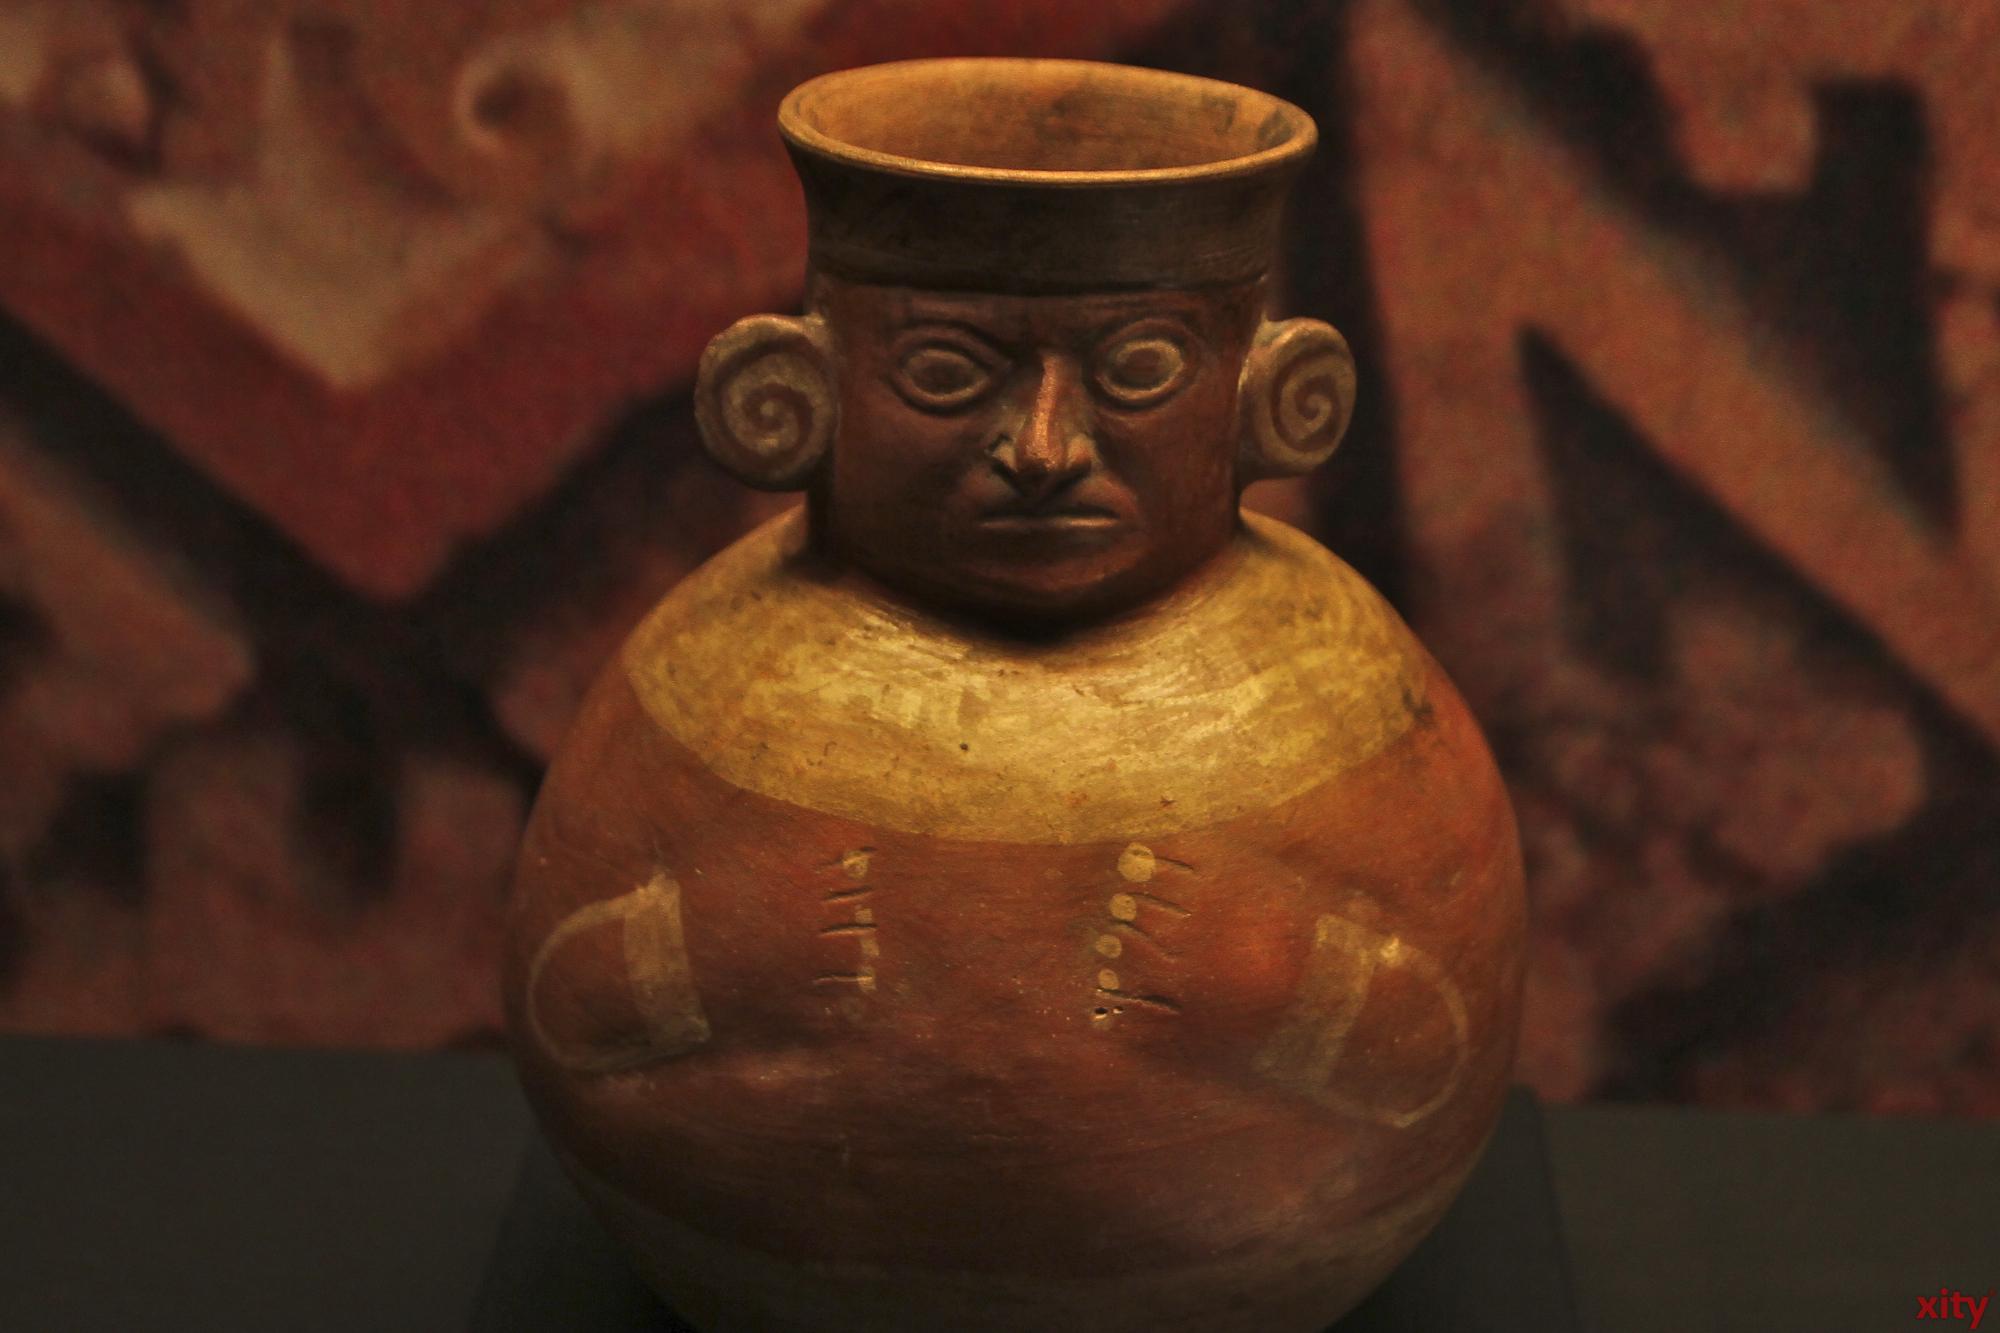 Die Werke sind aus 4000 Jahren prekolumbischer Geschichte (Foto: xity)